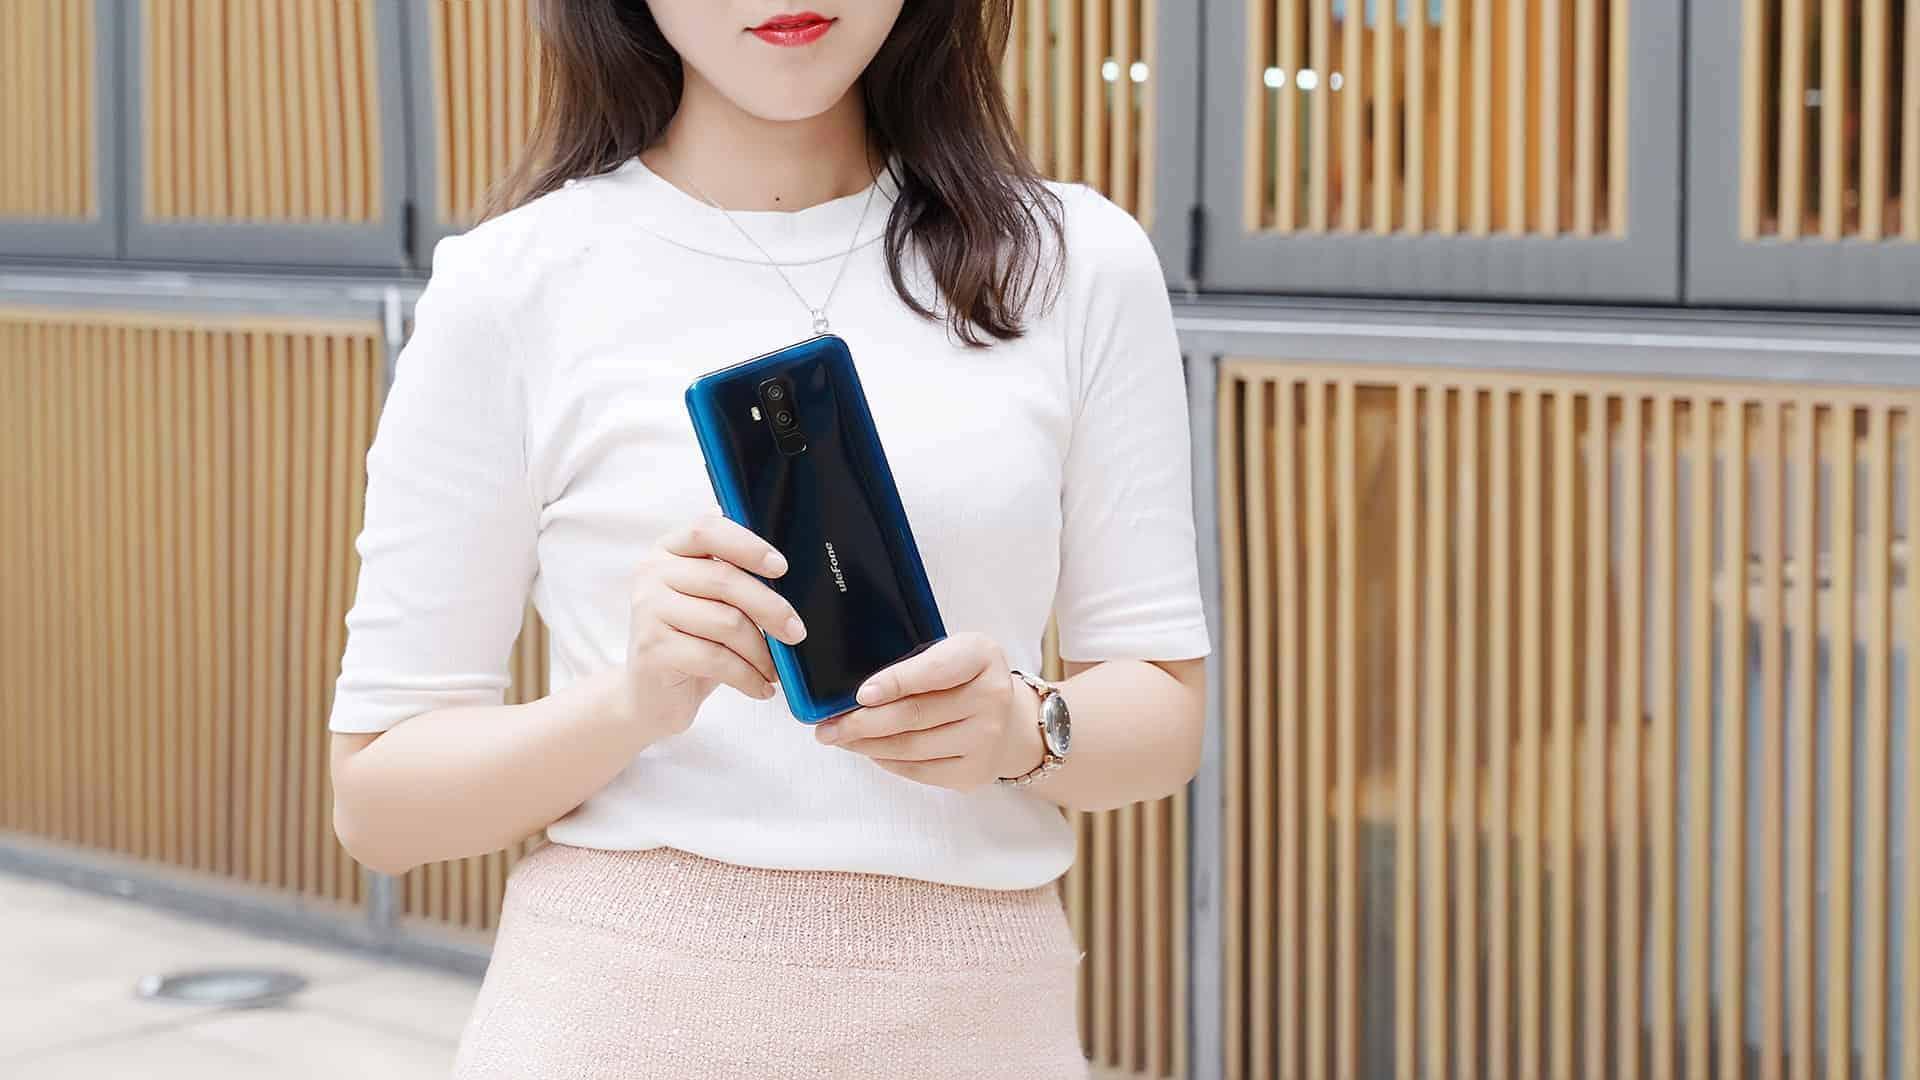 Ulefone T2 image 55 1